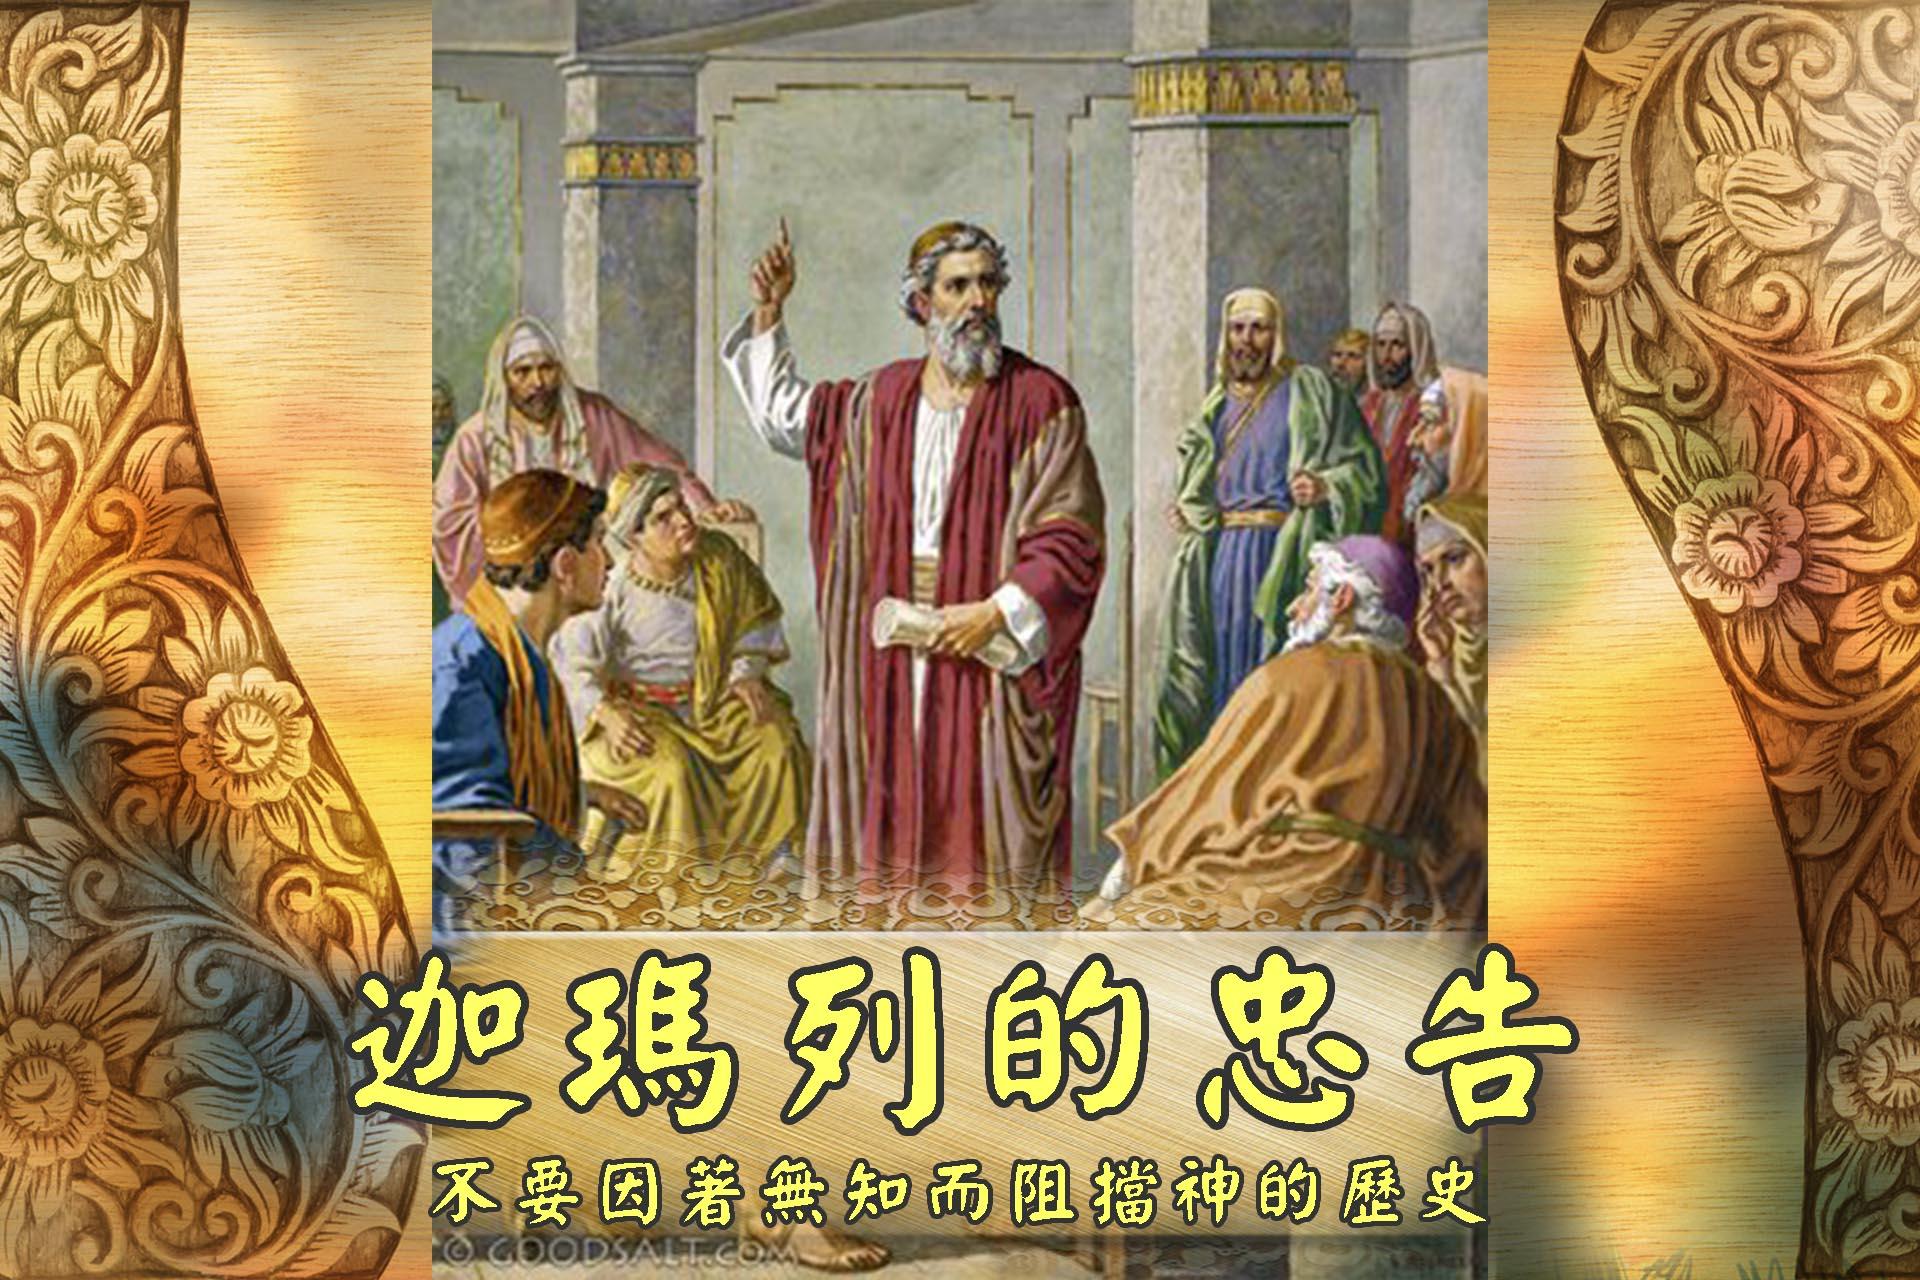 [聖經]迦瑪列的忠告:不要因著無知而阻擋了神的攝理歷史